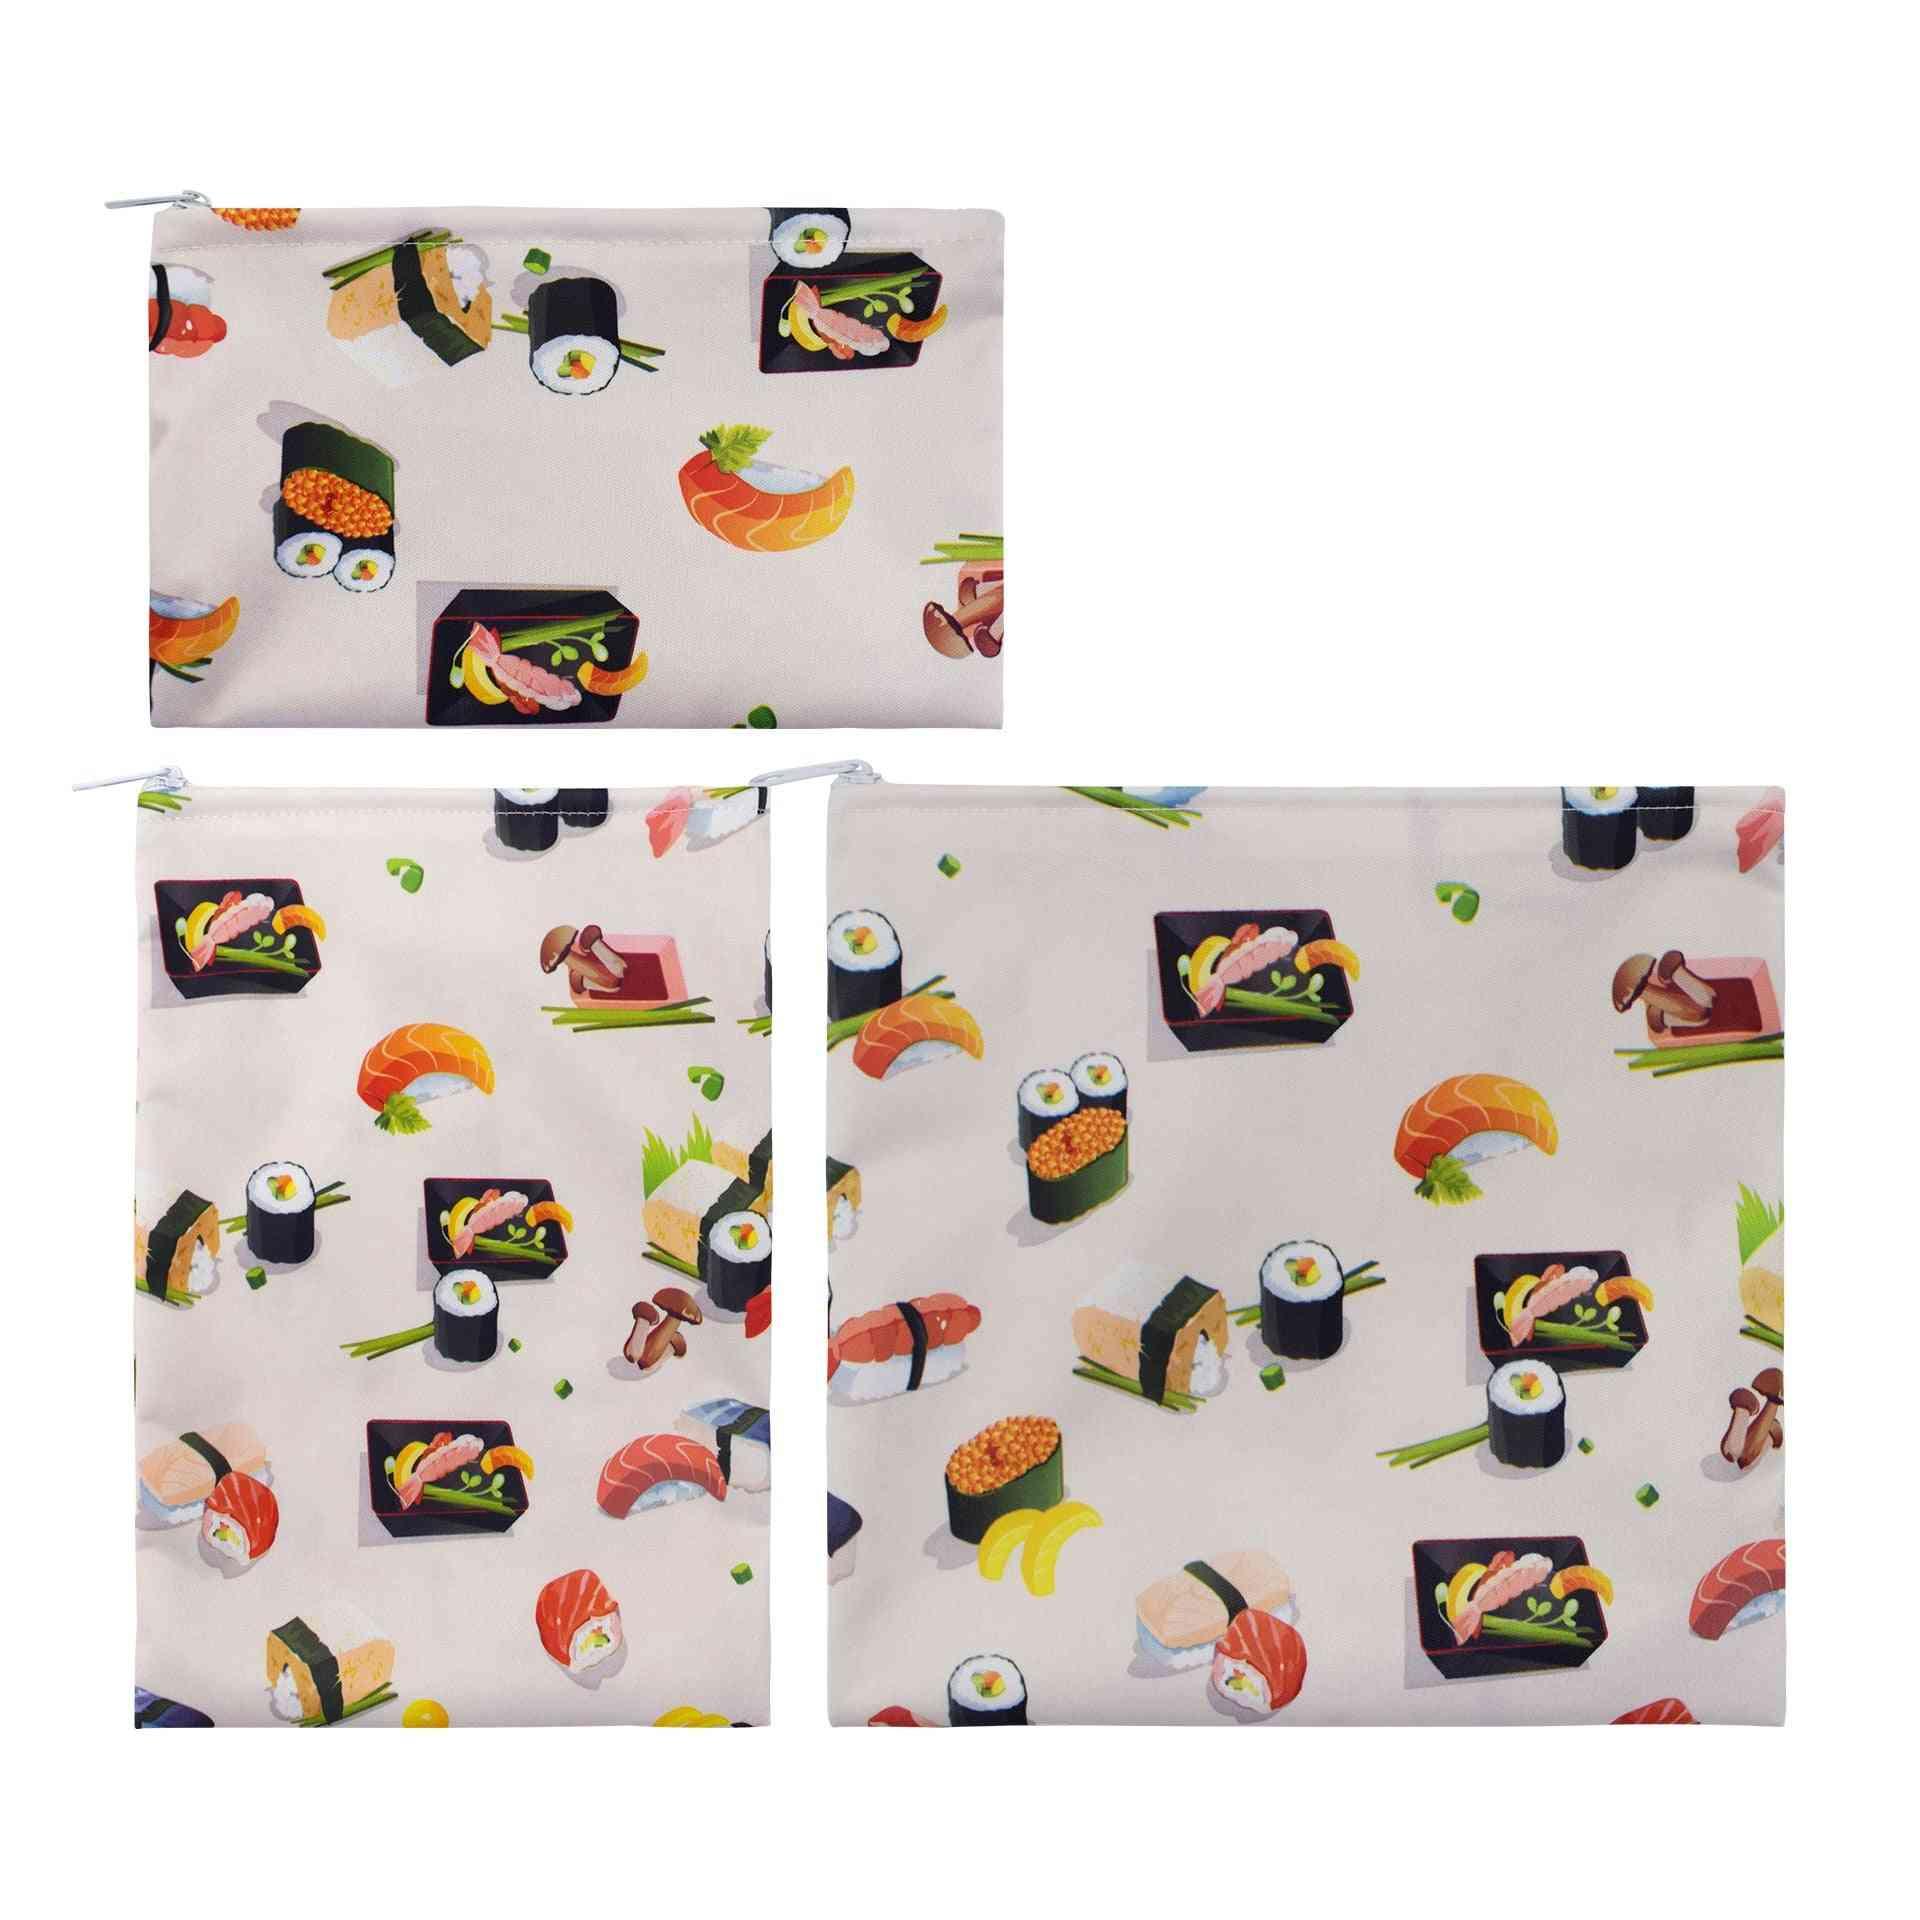 Reusable Food Snack Bags, Waterproof, Leakproof, Lunch Bread Storage Bag, Bread Eco-friendly Heating